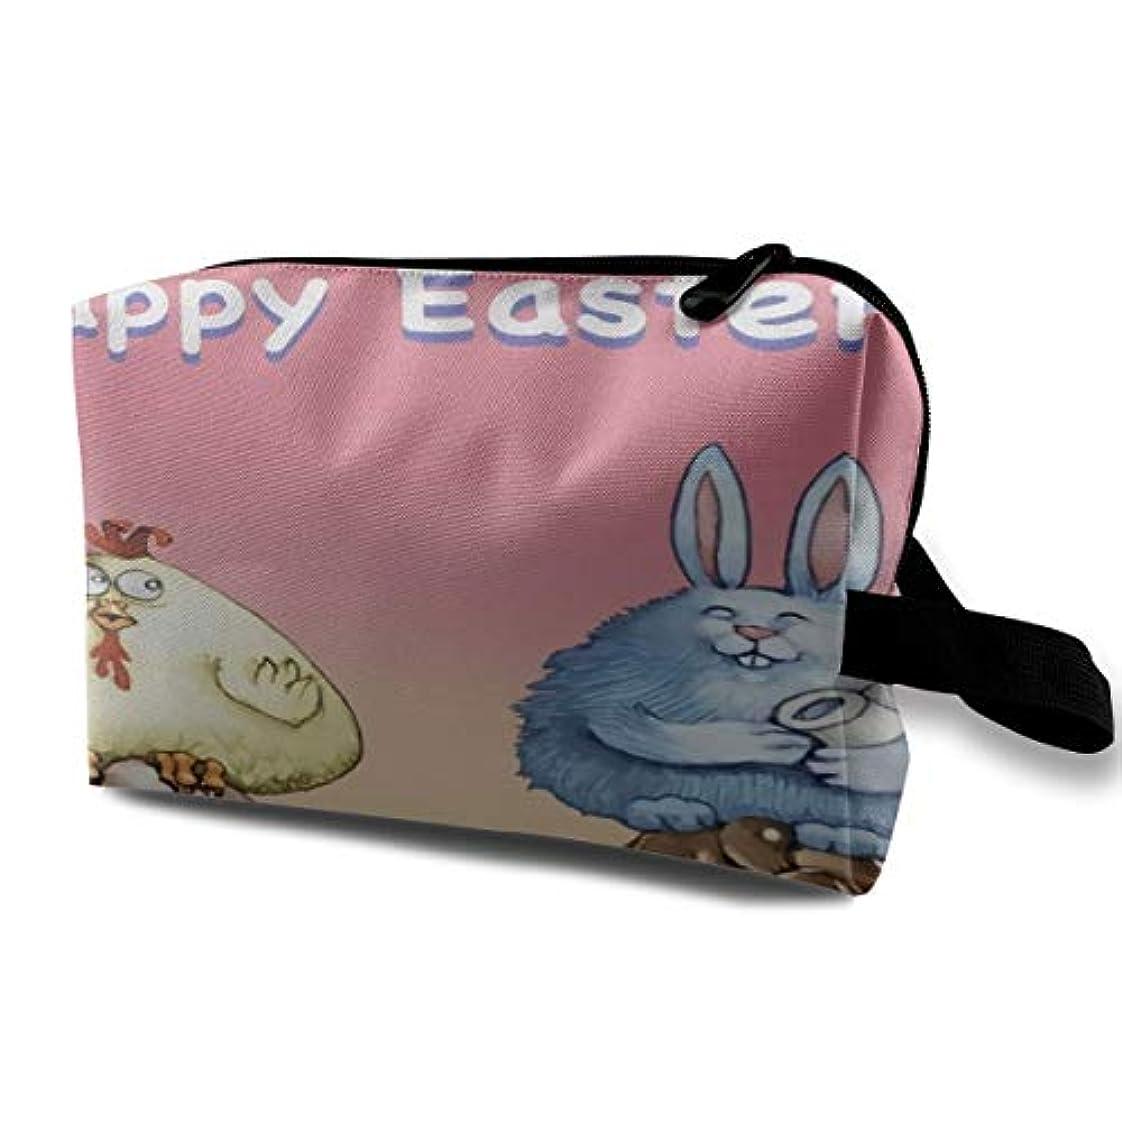 襟低い神秘Happy Easter Funny Chicken And Rabbit 収納ポーチ 化粧ポーチ 大容量 軽量 耐久性 ハンドル付持ち運び便利。入れ 自宅?出張?旅行?アウトドア撮影などに対応。メンズ レディース トラベルグッズ